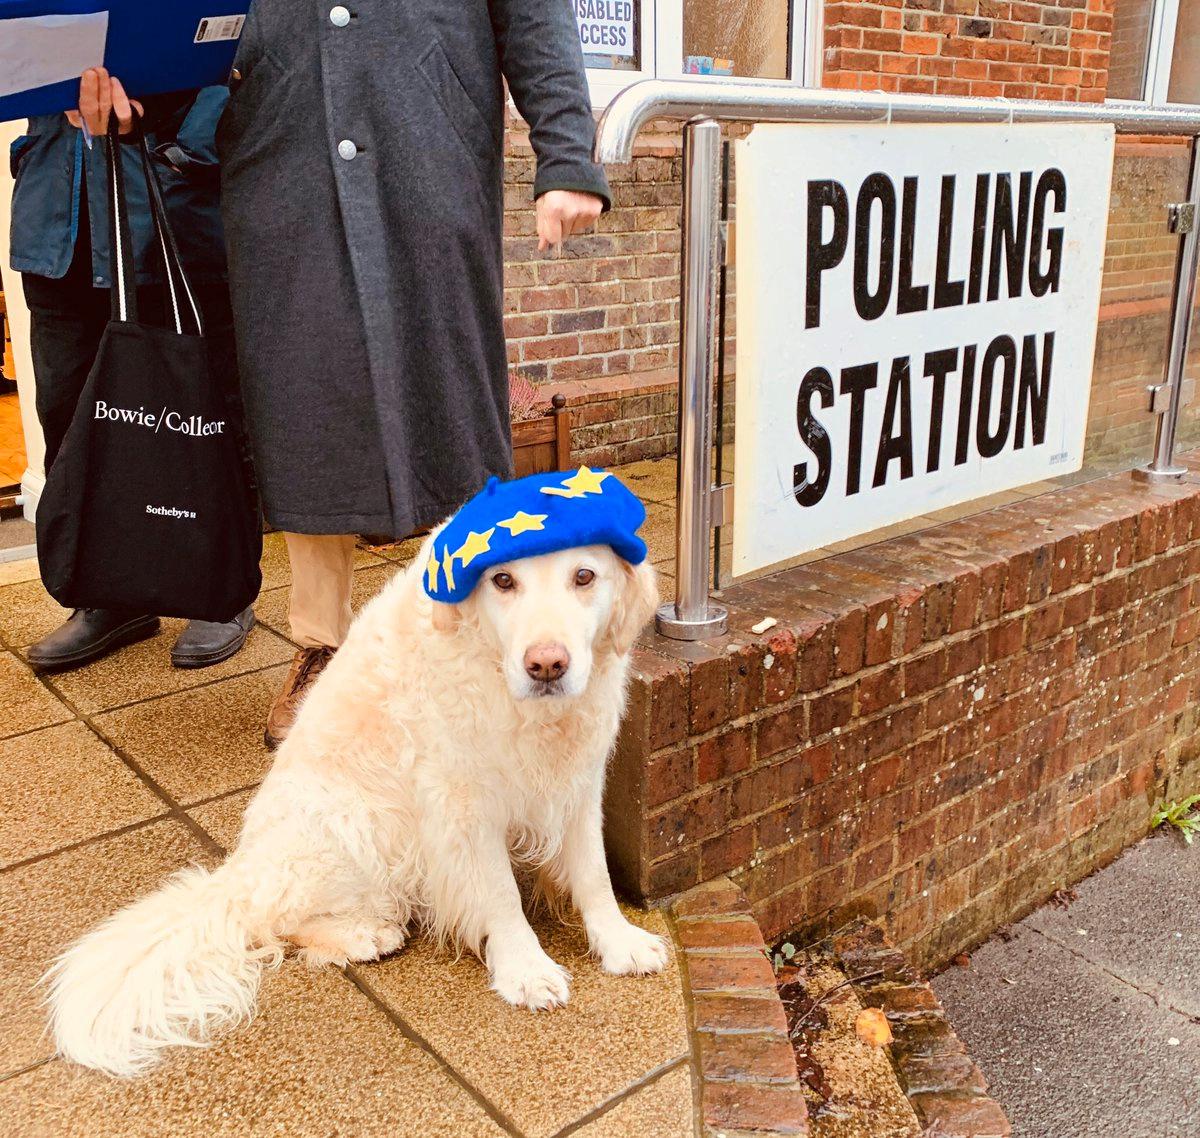 Ενας σκύλος κατά του Brexit έξω από εκλογικό τμήμα. Θα είναι από τους ηττημένους;